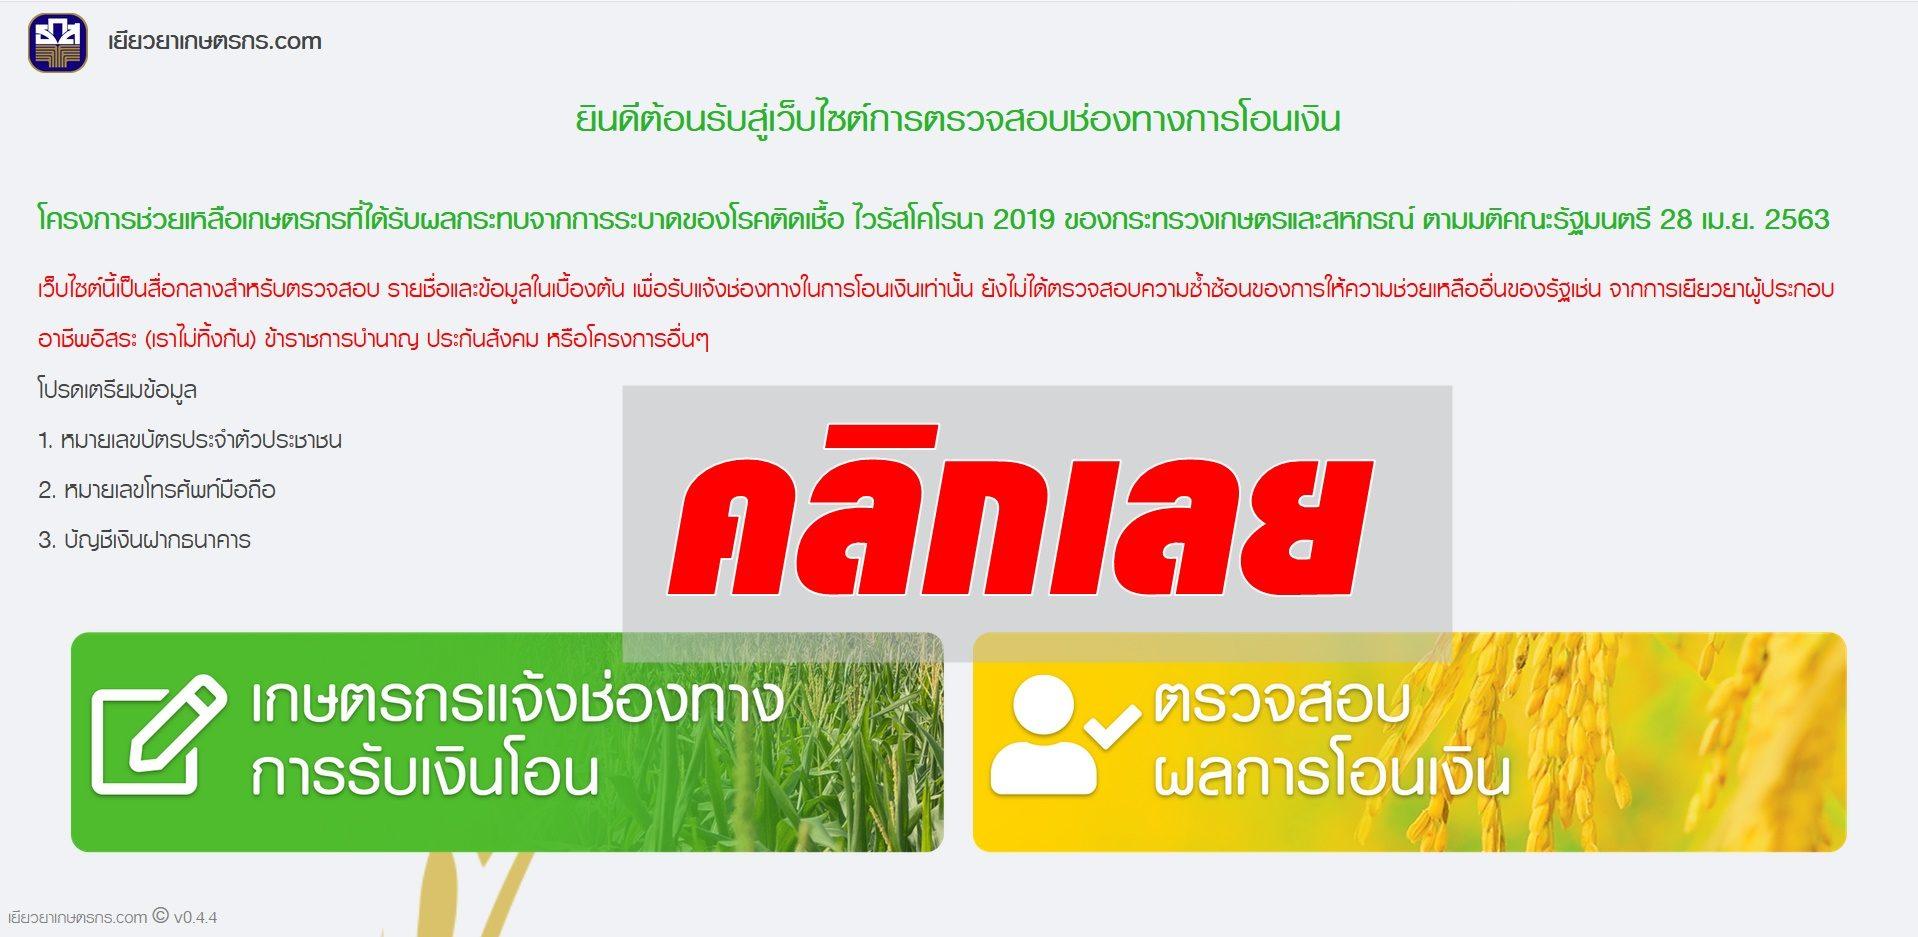 คลิกเลย! เกษตรกรแจ้งบัญชีธนาคารที่เว็บ 'เยียวยาเกษตรกร' รับเงิน 15,000 บ.